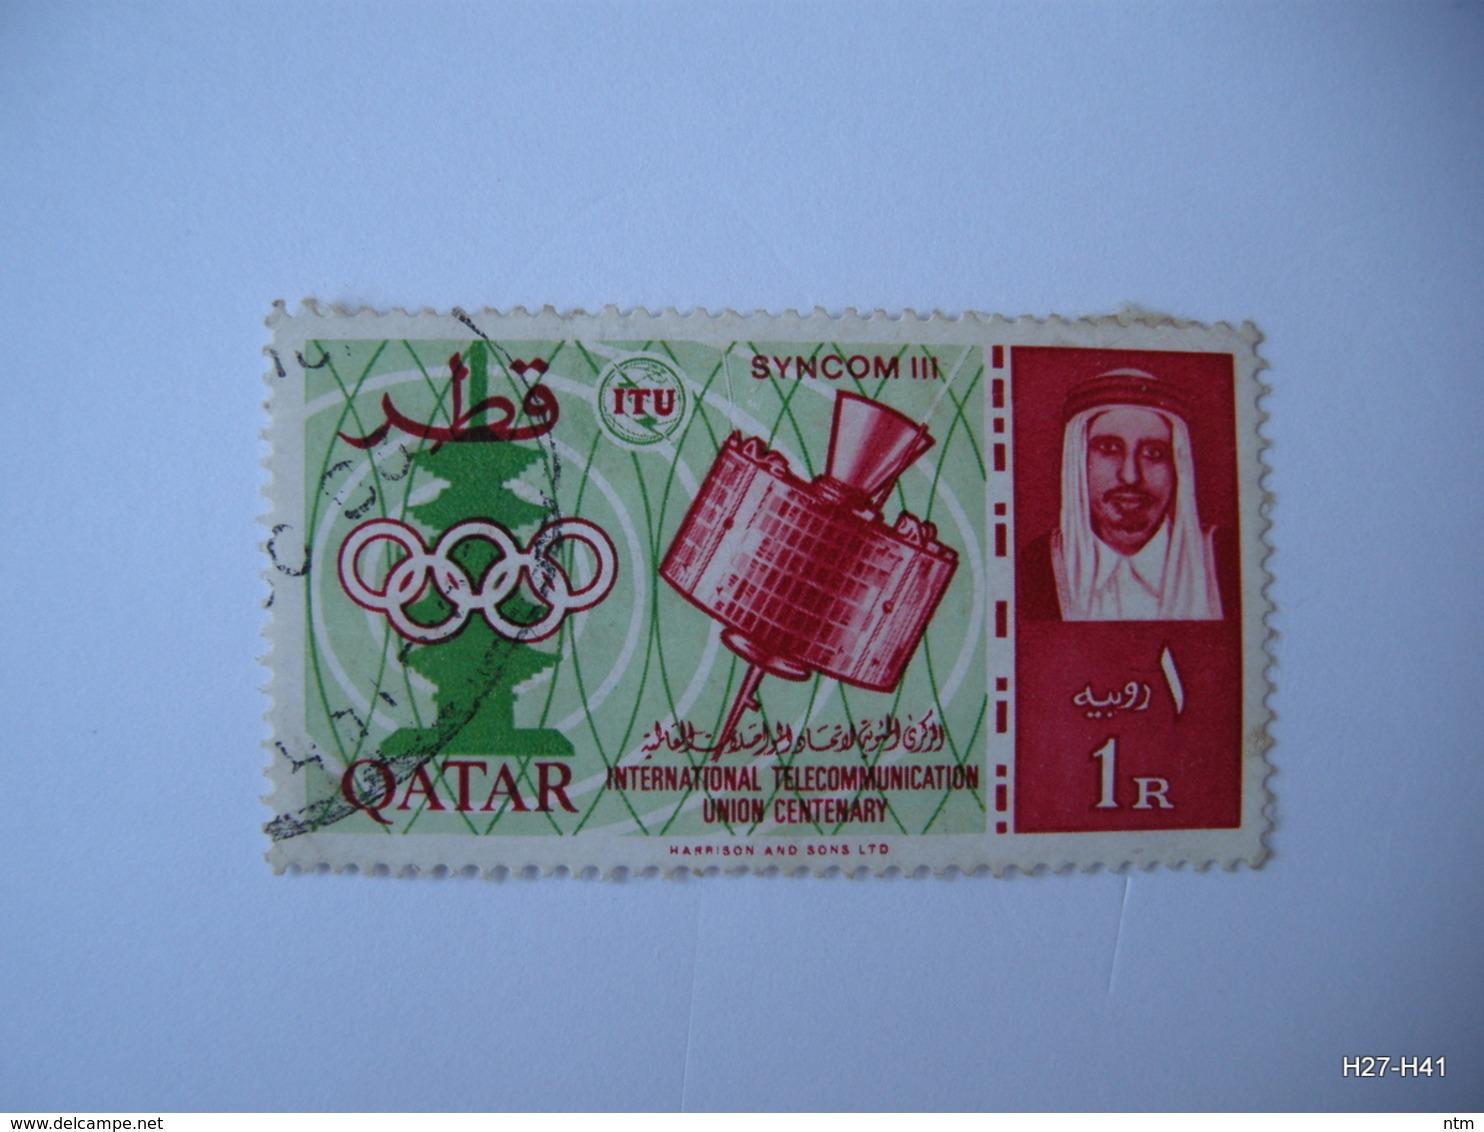 QATAR 1965.   I.T.U. Centenary, 1r. Syncom 3 And Pagoda; SG 69. Used. - Qatar